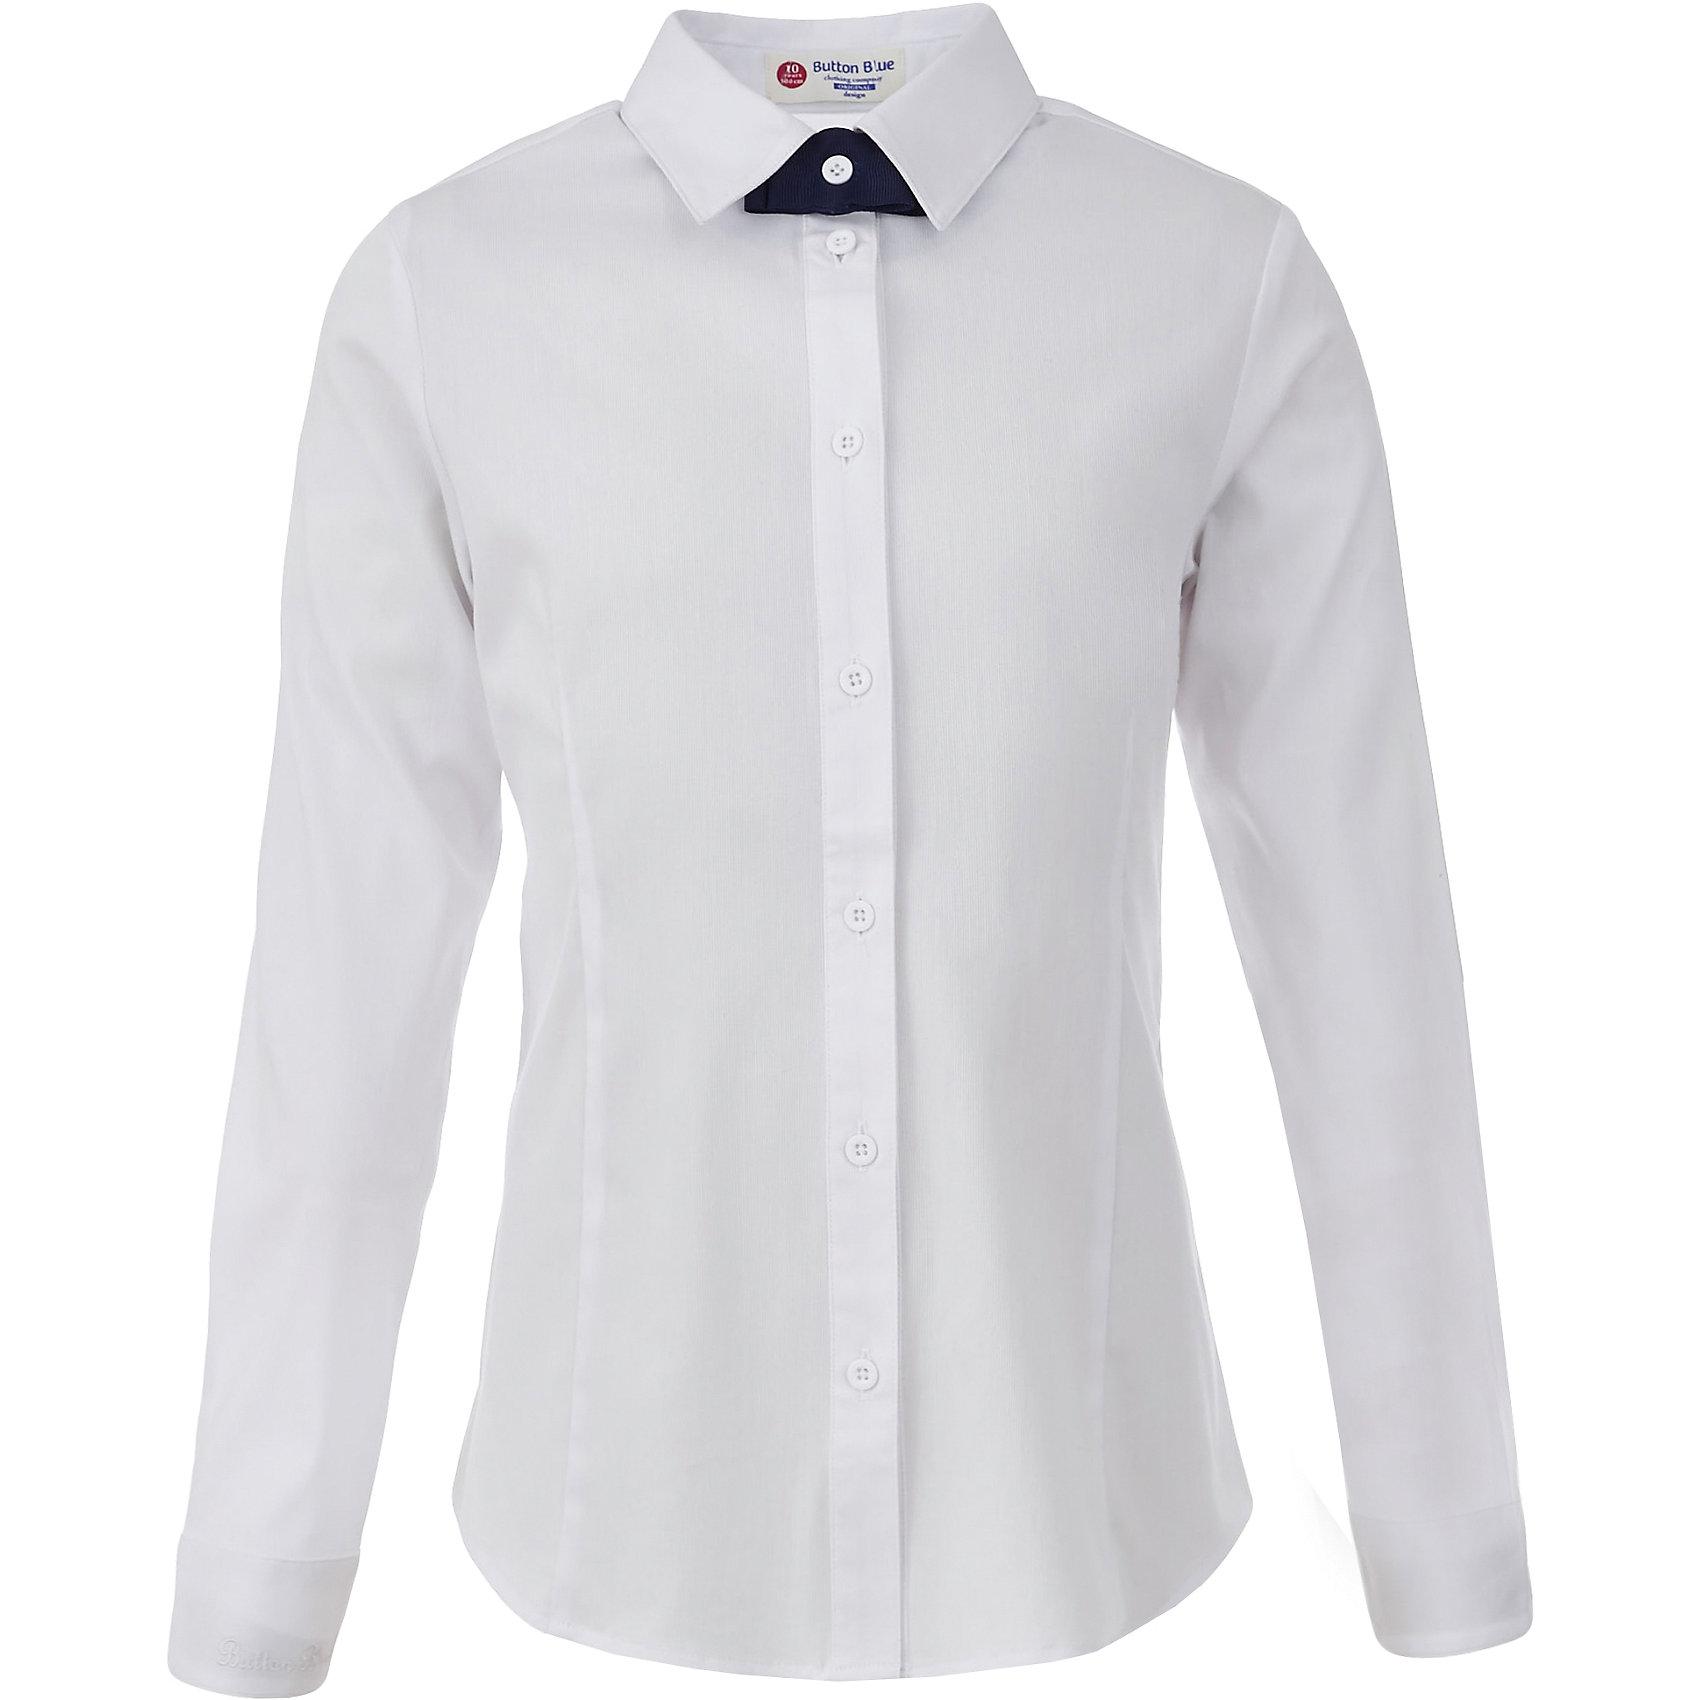 Блузка для девочки BUTTON BLUEБлузки и рубашки<br>Блузка для девочки BUTTON BLUE<br>Блузки для школы купить не сложно, но выбрать модель, сочетающую прекрасный состав, элегантный дизайн, привлекательную цену, не так уж и легко. Купить красивую школьную блузку для девочки недорого возможно, если это блузка от Button Blue! Не откладывайте покупку! Белая школьная блузка с бантиком понадобится 1 сентября как никогда, придав образу торжественность и элегантность.<br>Состав:<br>61% хлопок,  36%нейлон,                3% эластан<br><br>Ширина мм: 186<br>Глубина мм: 87<br>Высота мм: 198<br>Вес г: 197<br>Цвет: белый<br>Возраст от месяцев: 156<br>Возраст до месяцев: 168<br>Пол: Женский<br>Возраст: Детский<br>Размер: 164,122,128,134,140,146,152,158<br>SKU: 6739330